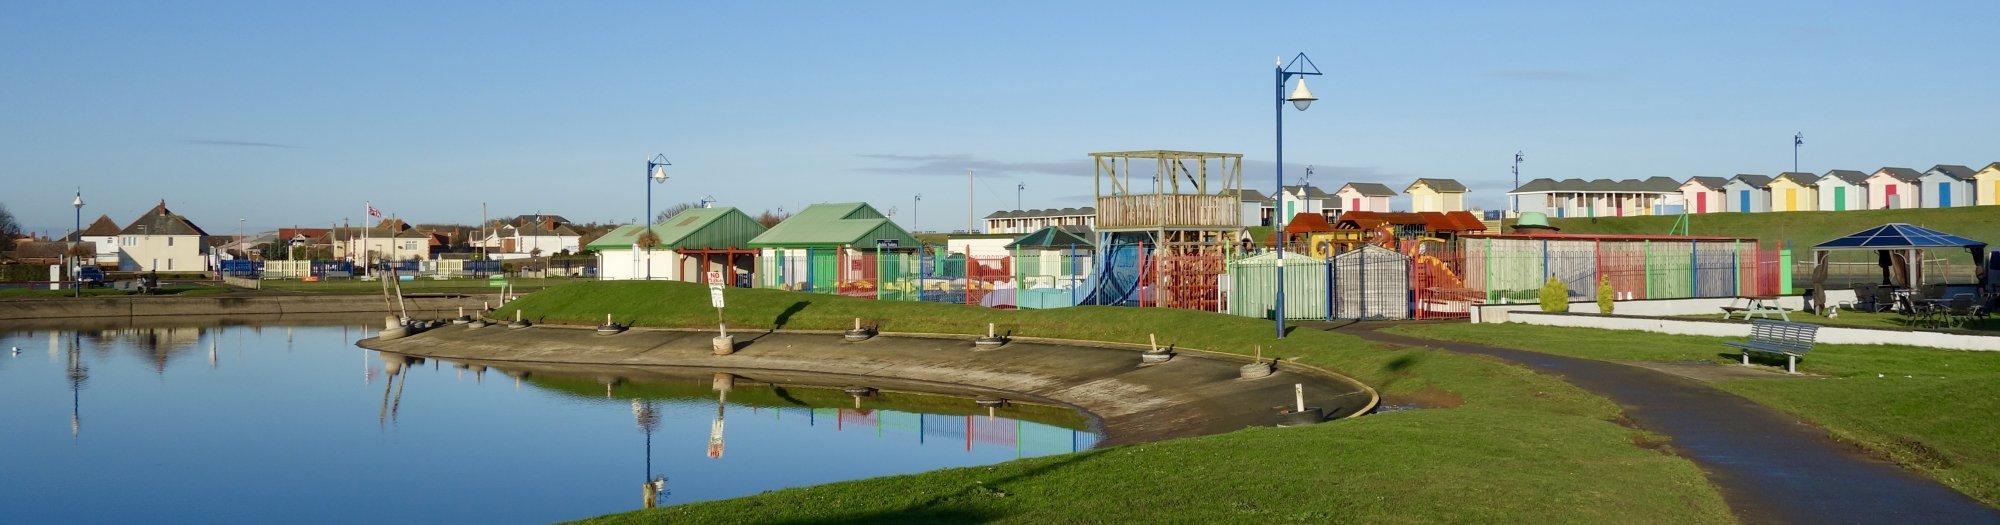 Queens Park colour